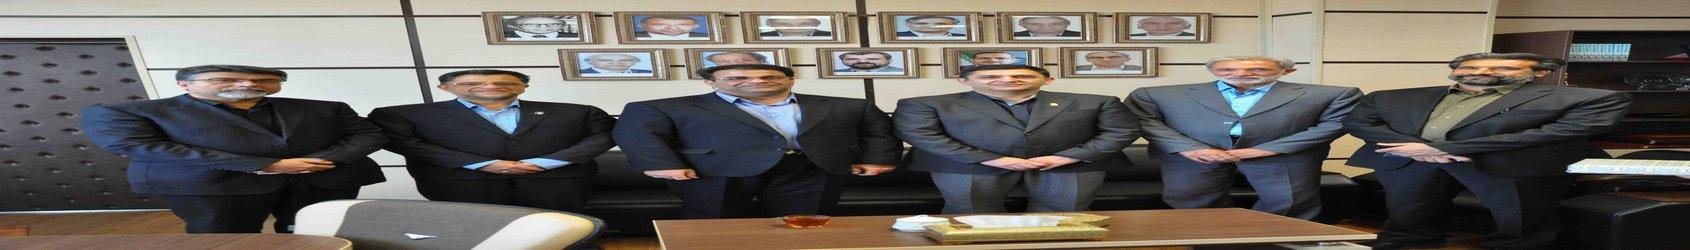 مدیر جدید امور دانشجویی دانشگاه بیرجند منصوب شد